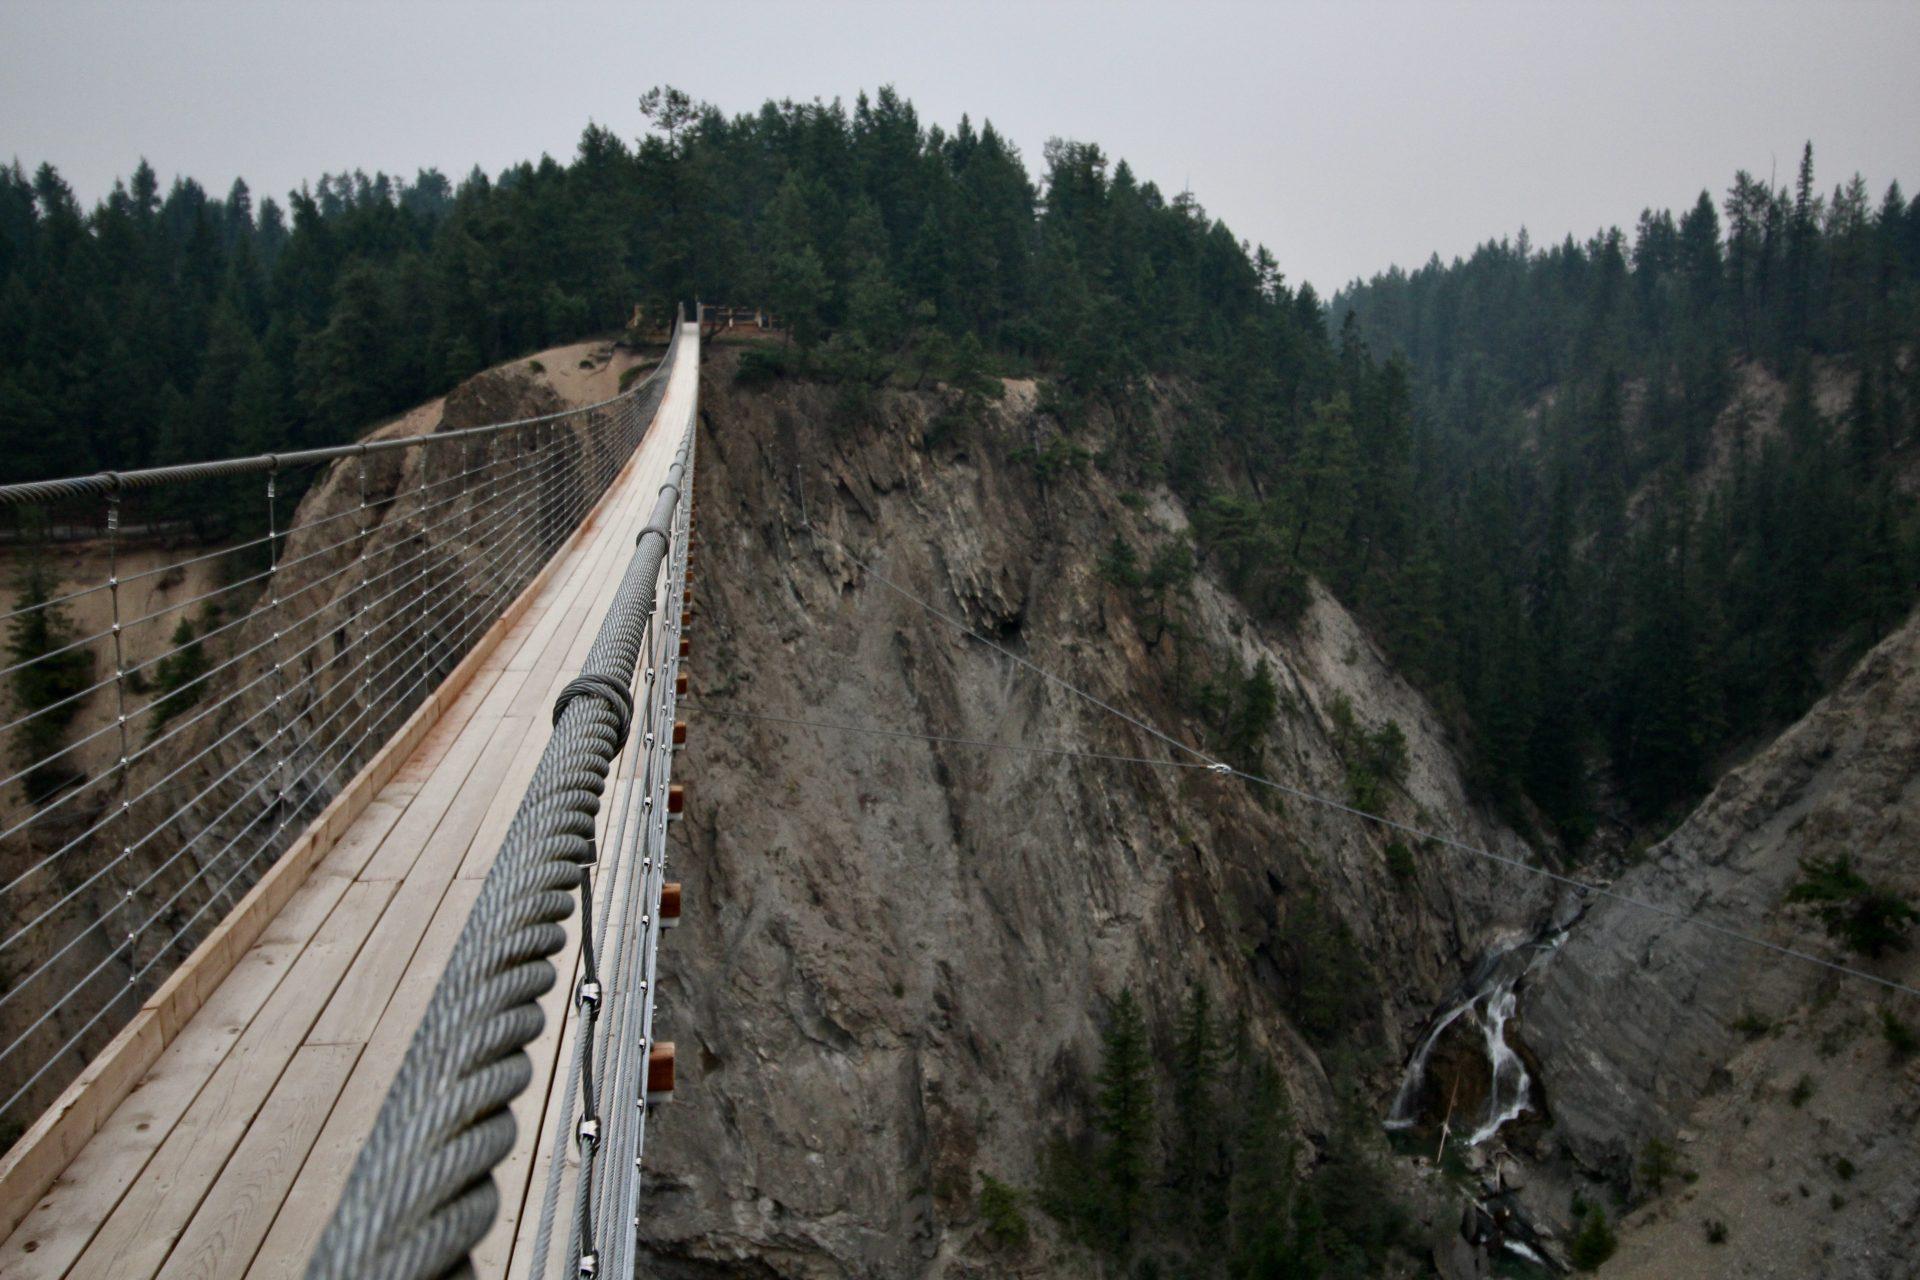 Golden skybridge